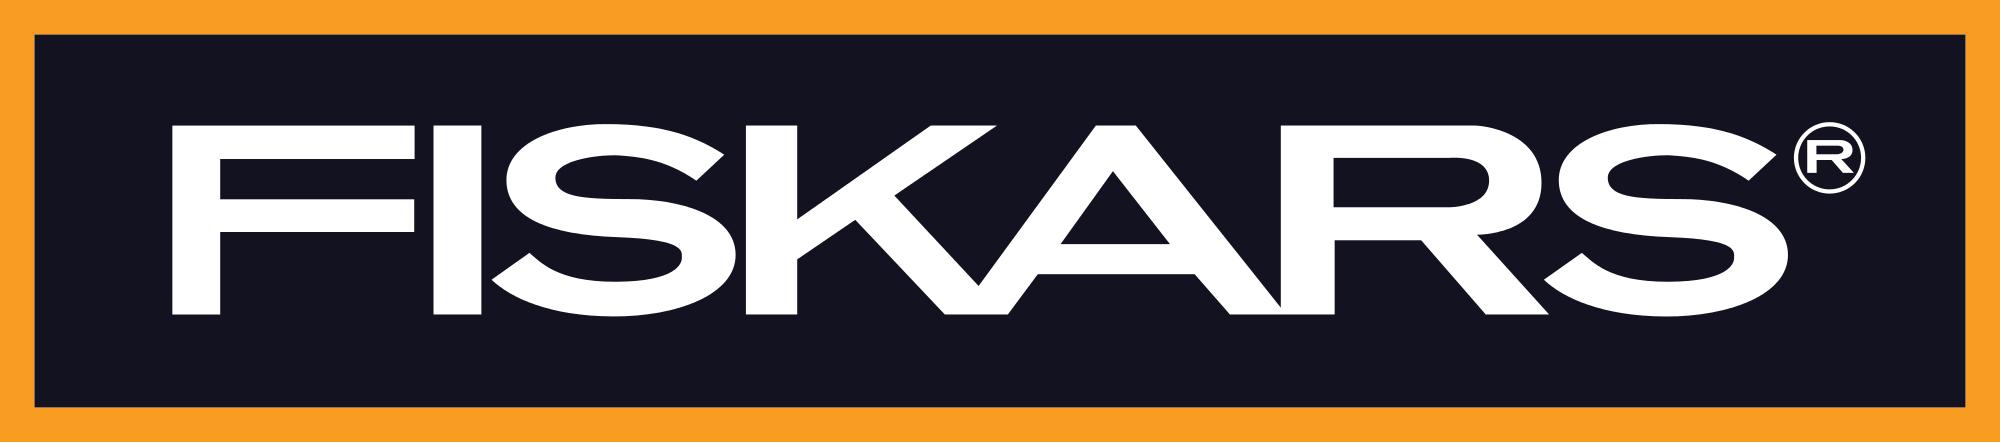 Кухонные принадлежности Fiskars